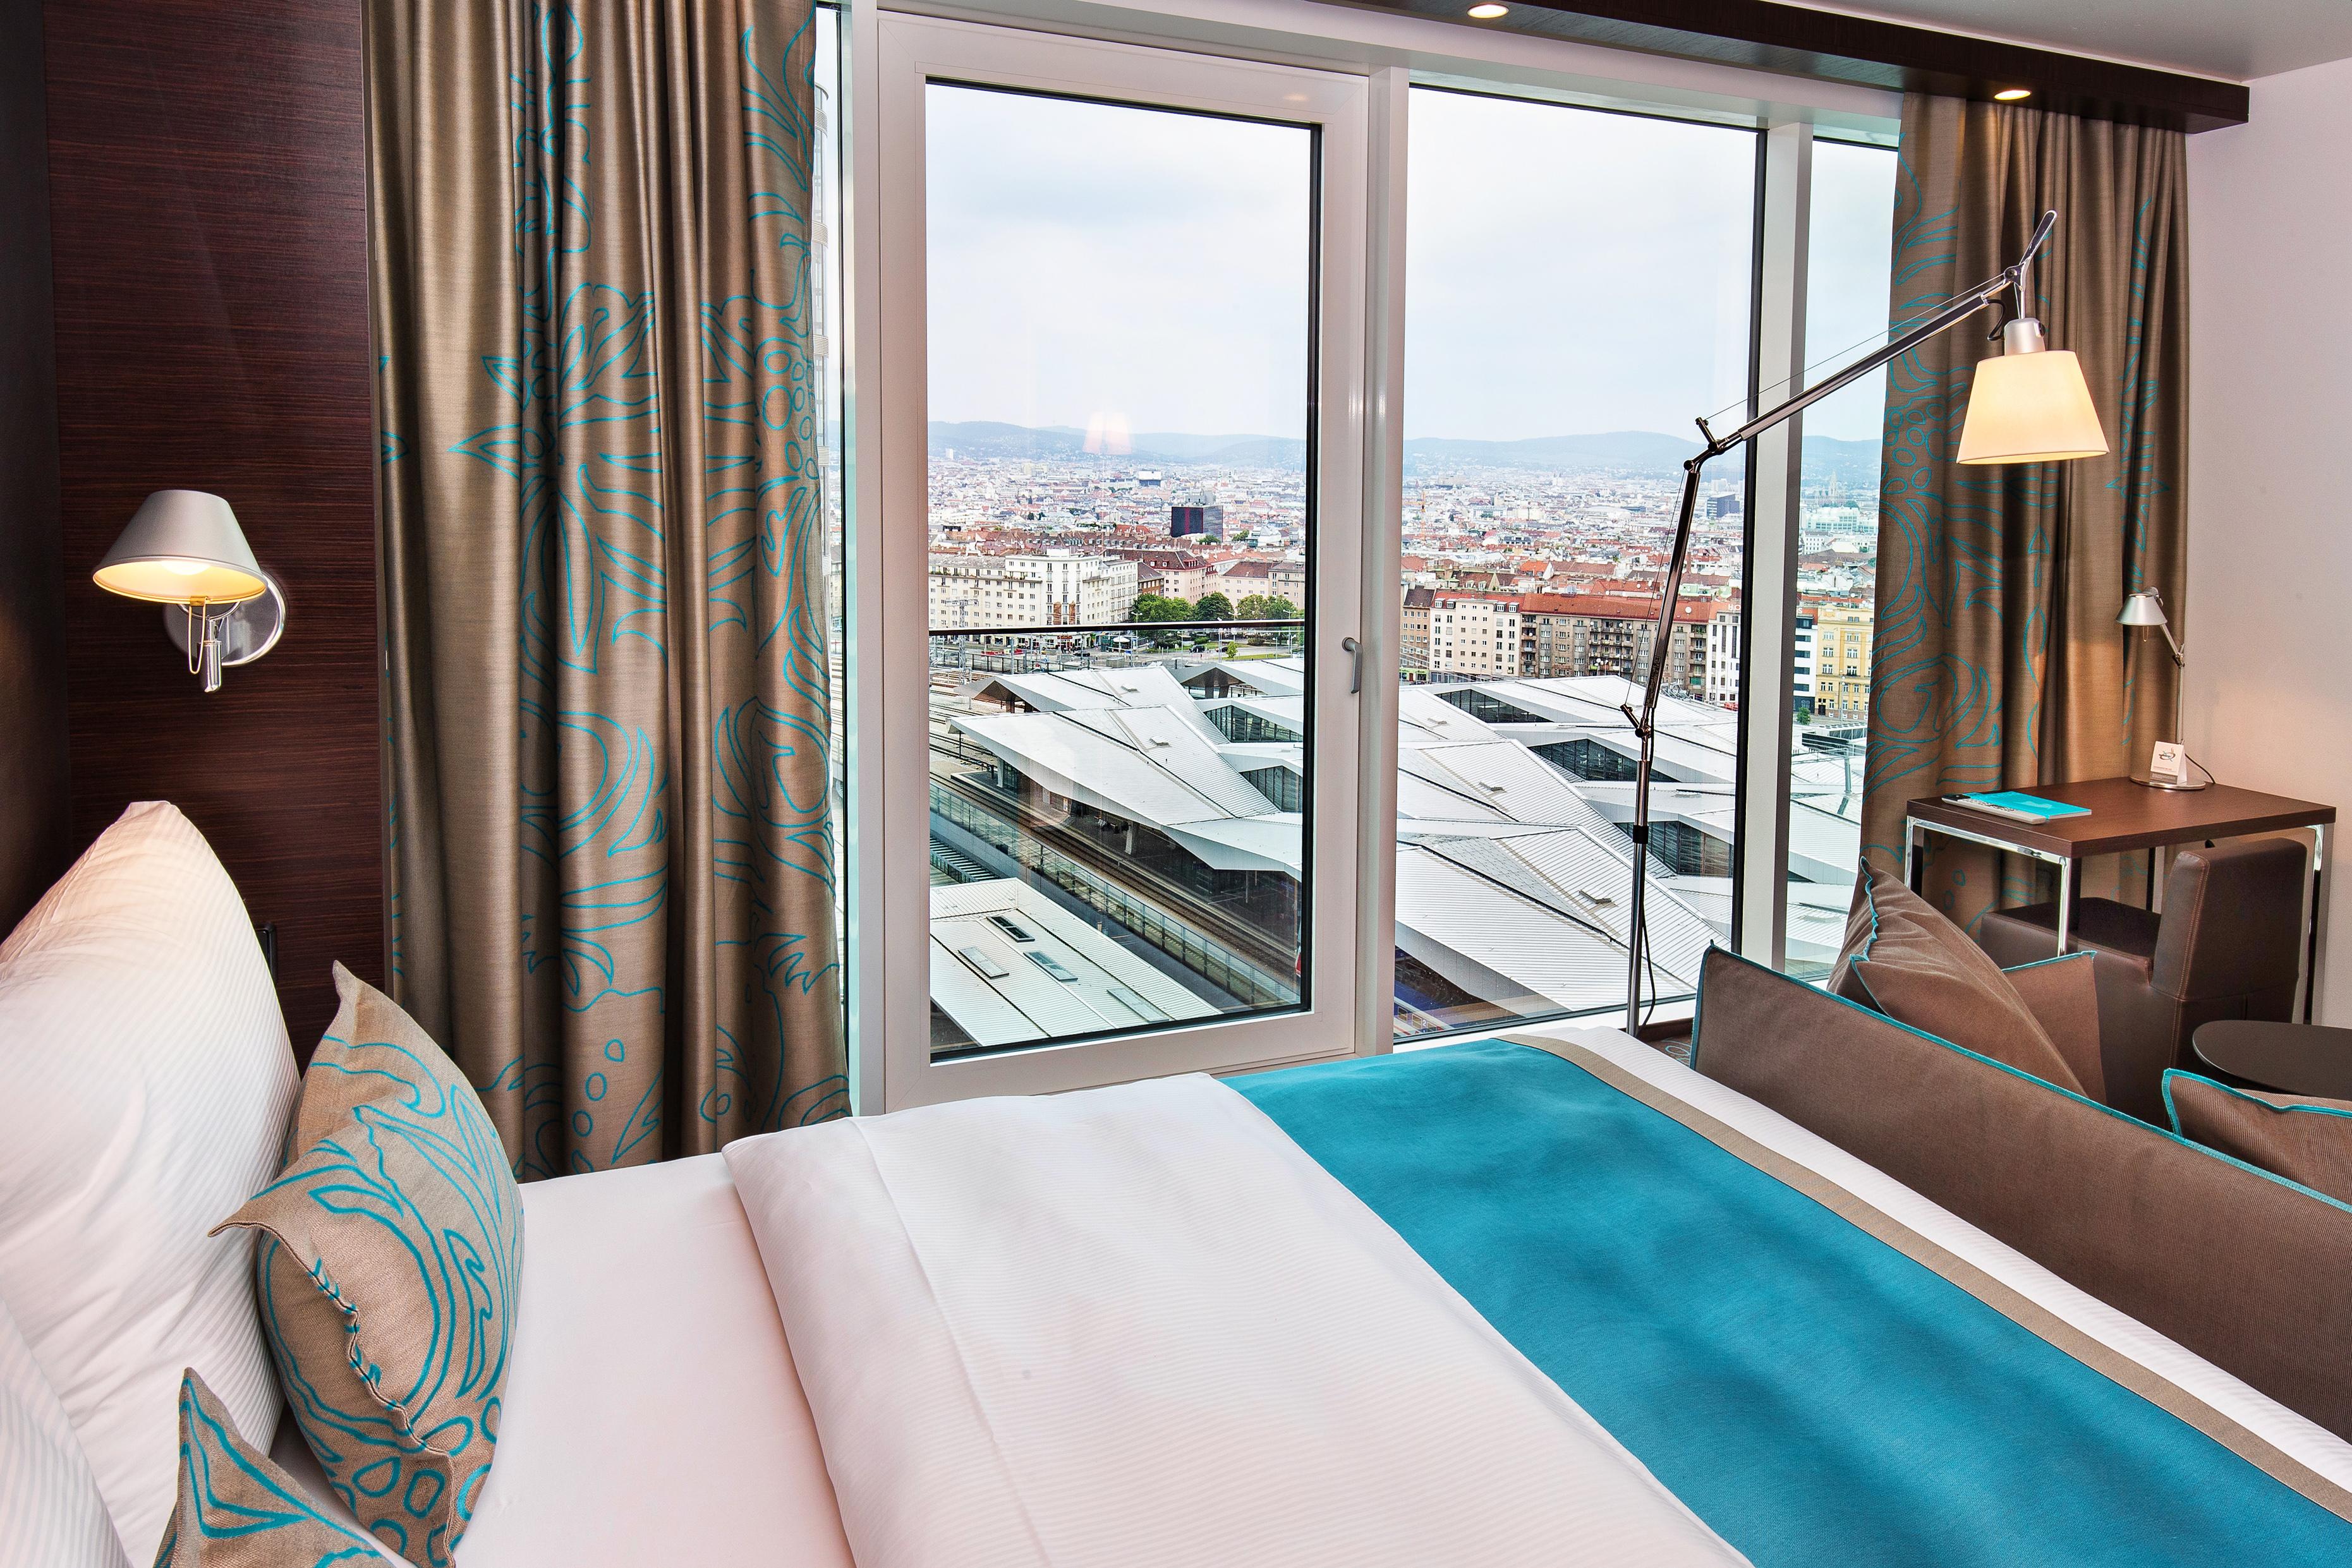 Hotel Vienna-Central station Motel One | design hotels Vienna ...